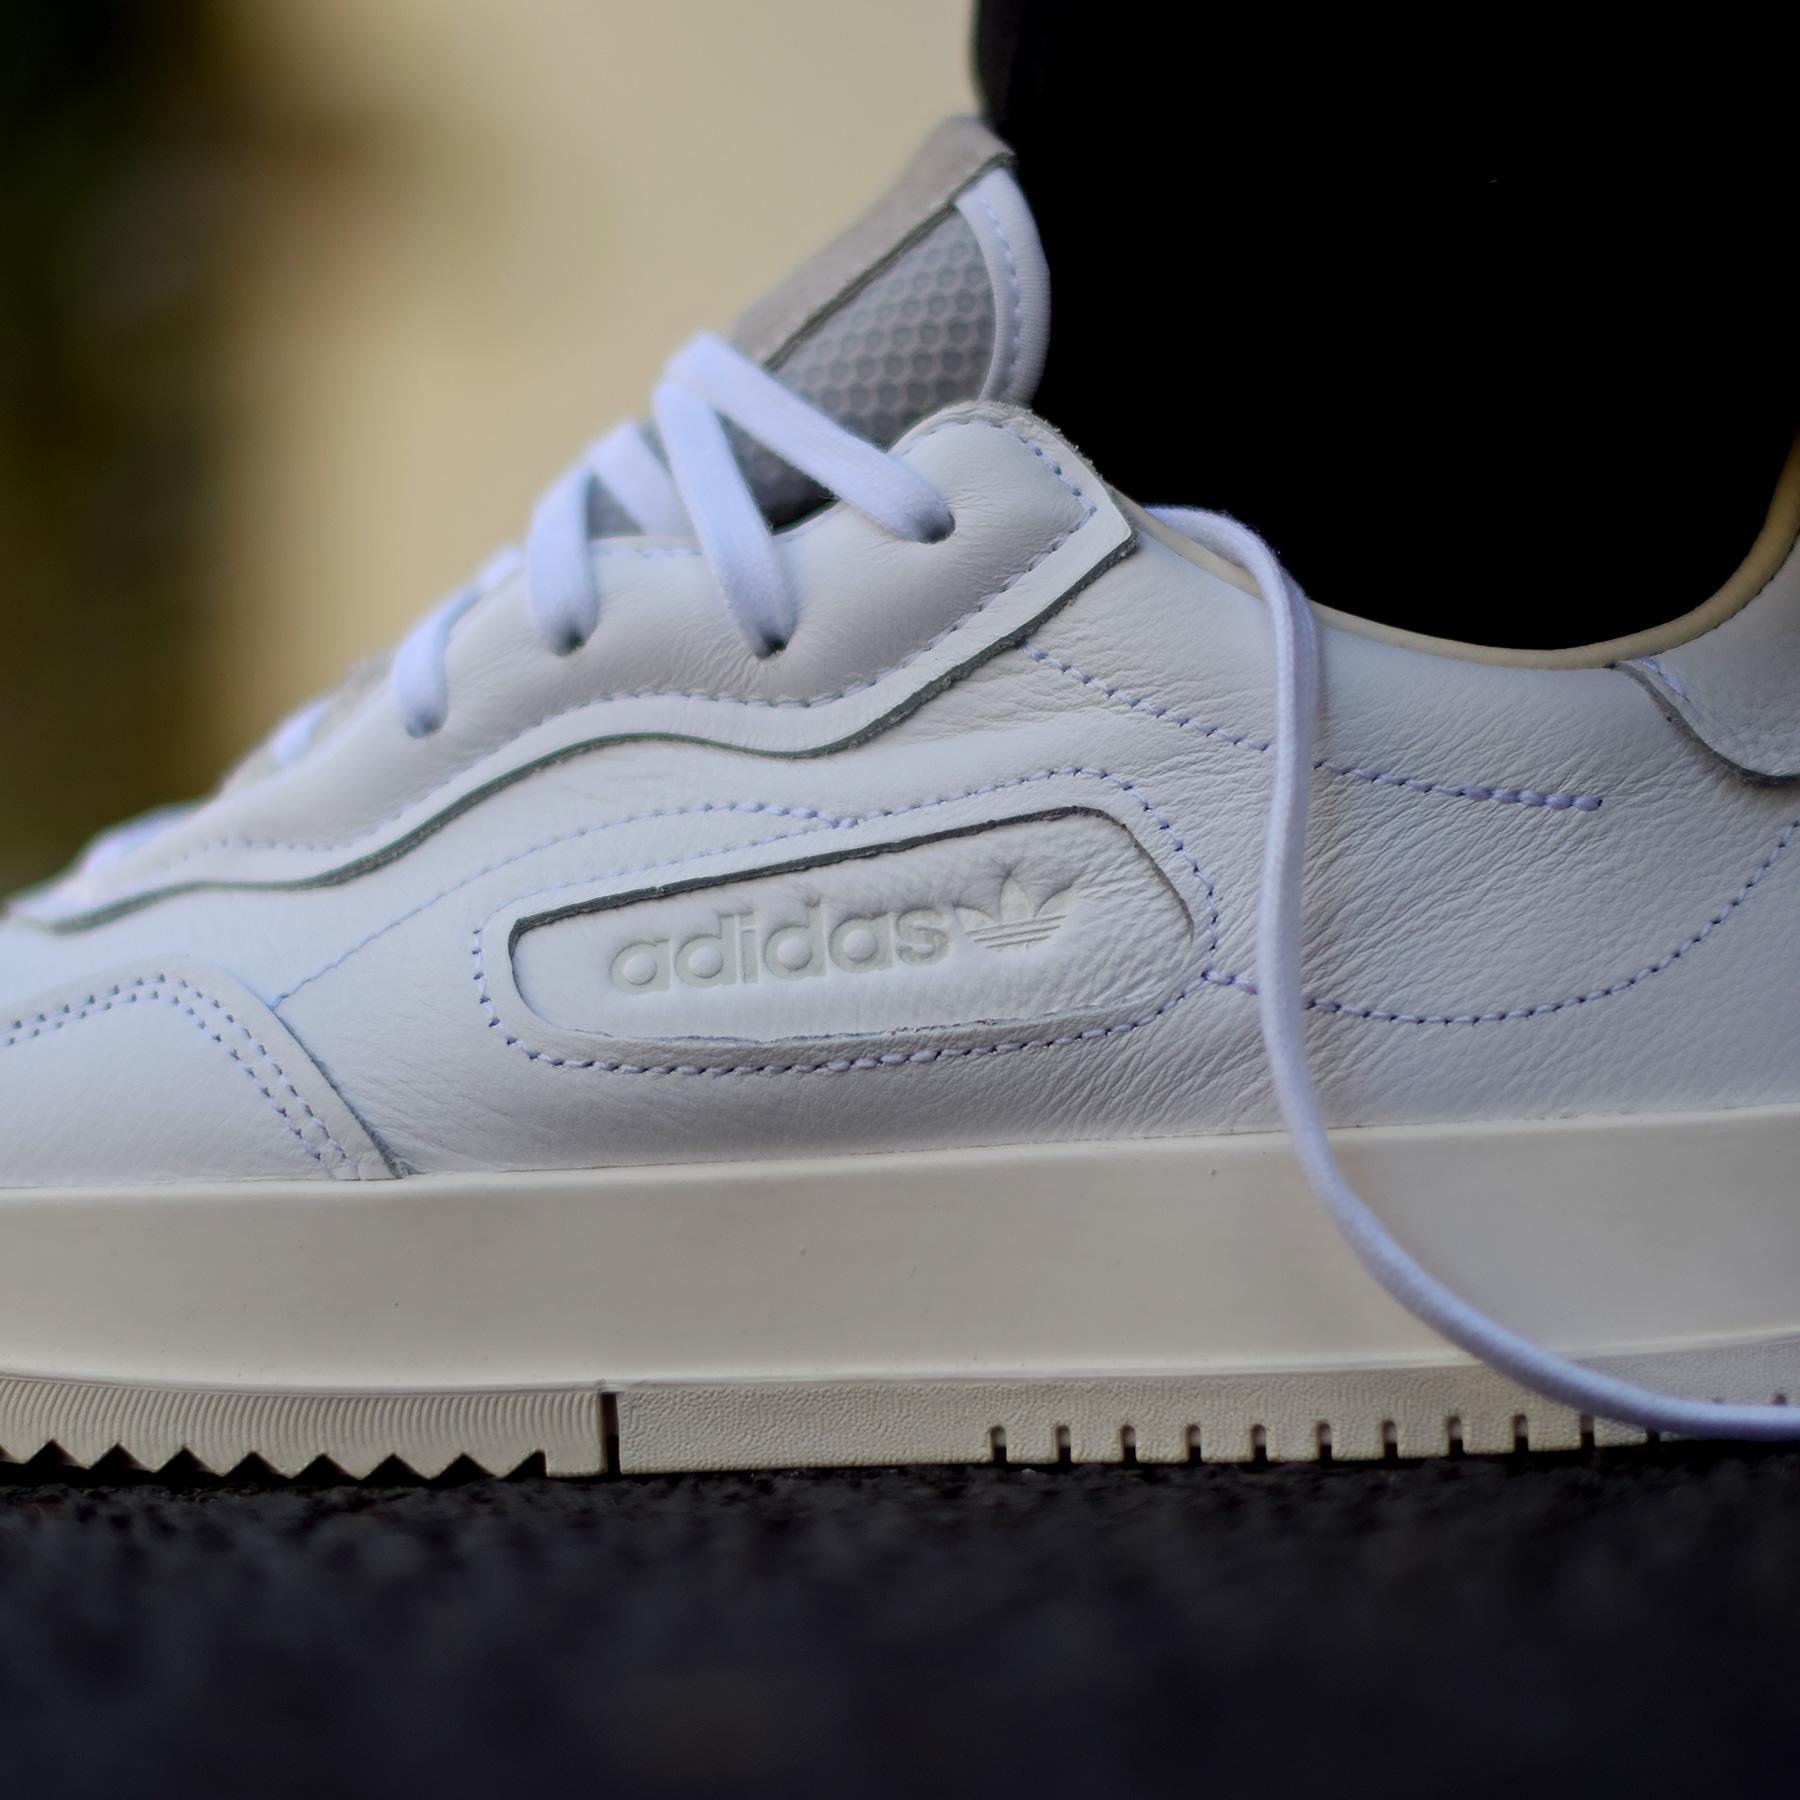 Adidas SC Premiere WhiteCrystal White